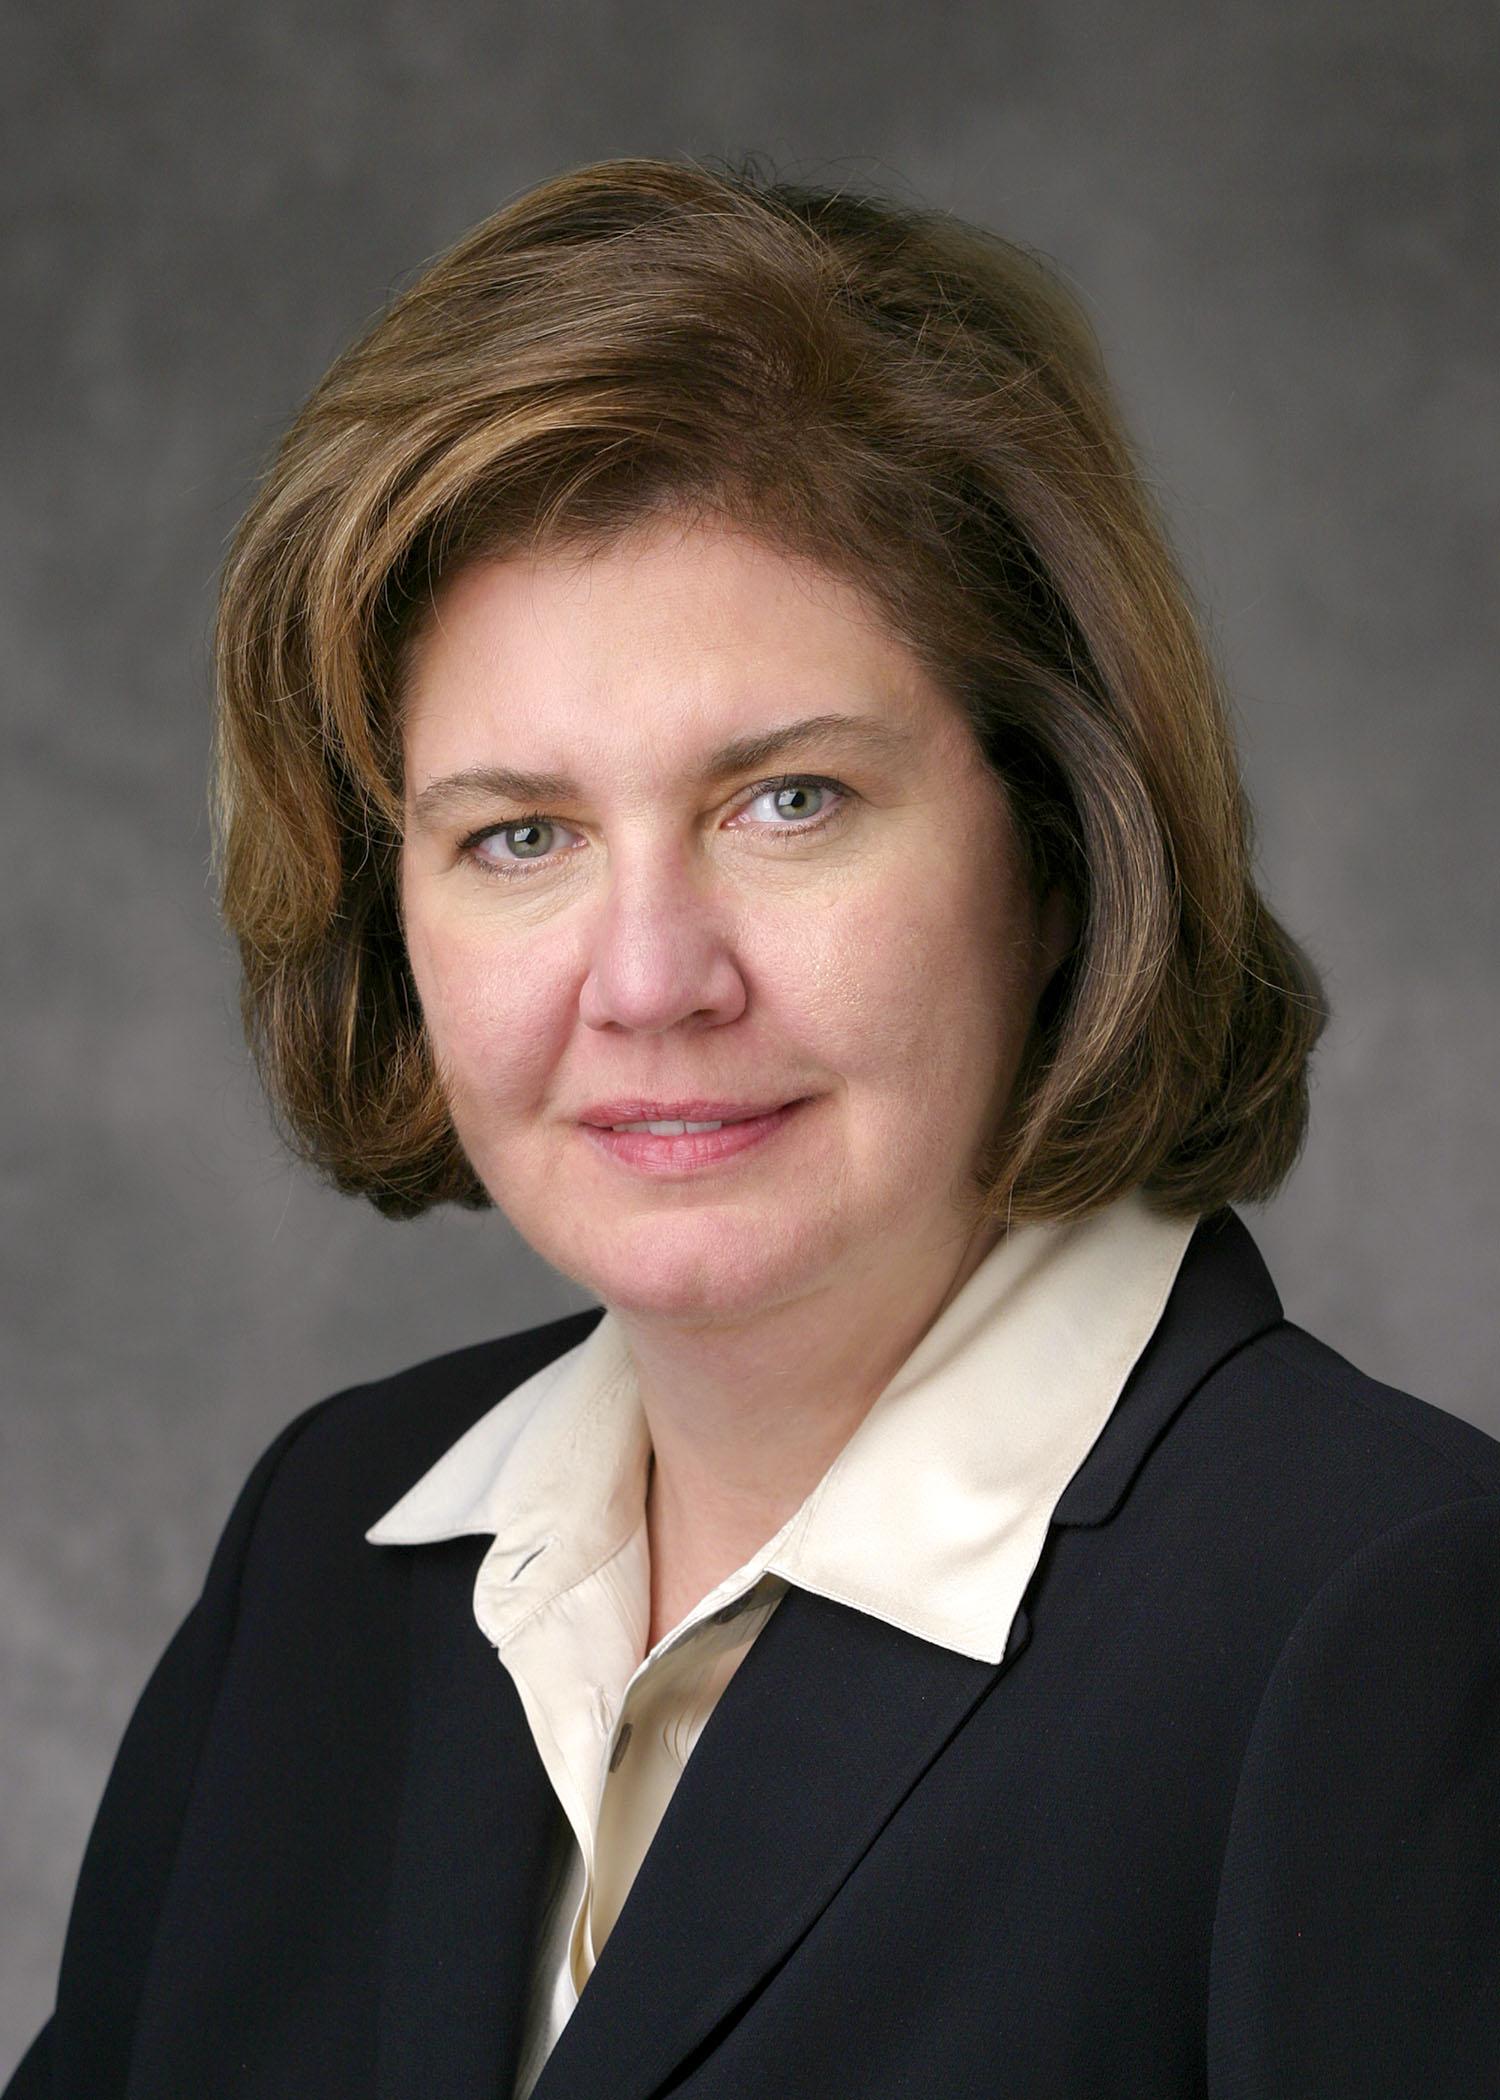 Headshot of Eileen Murray